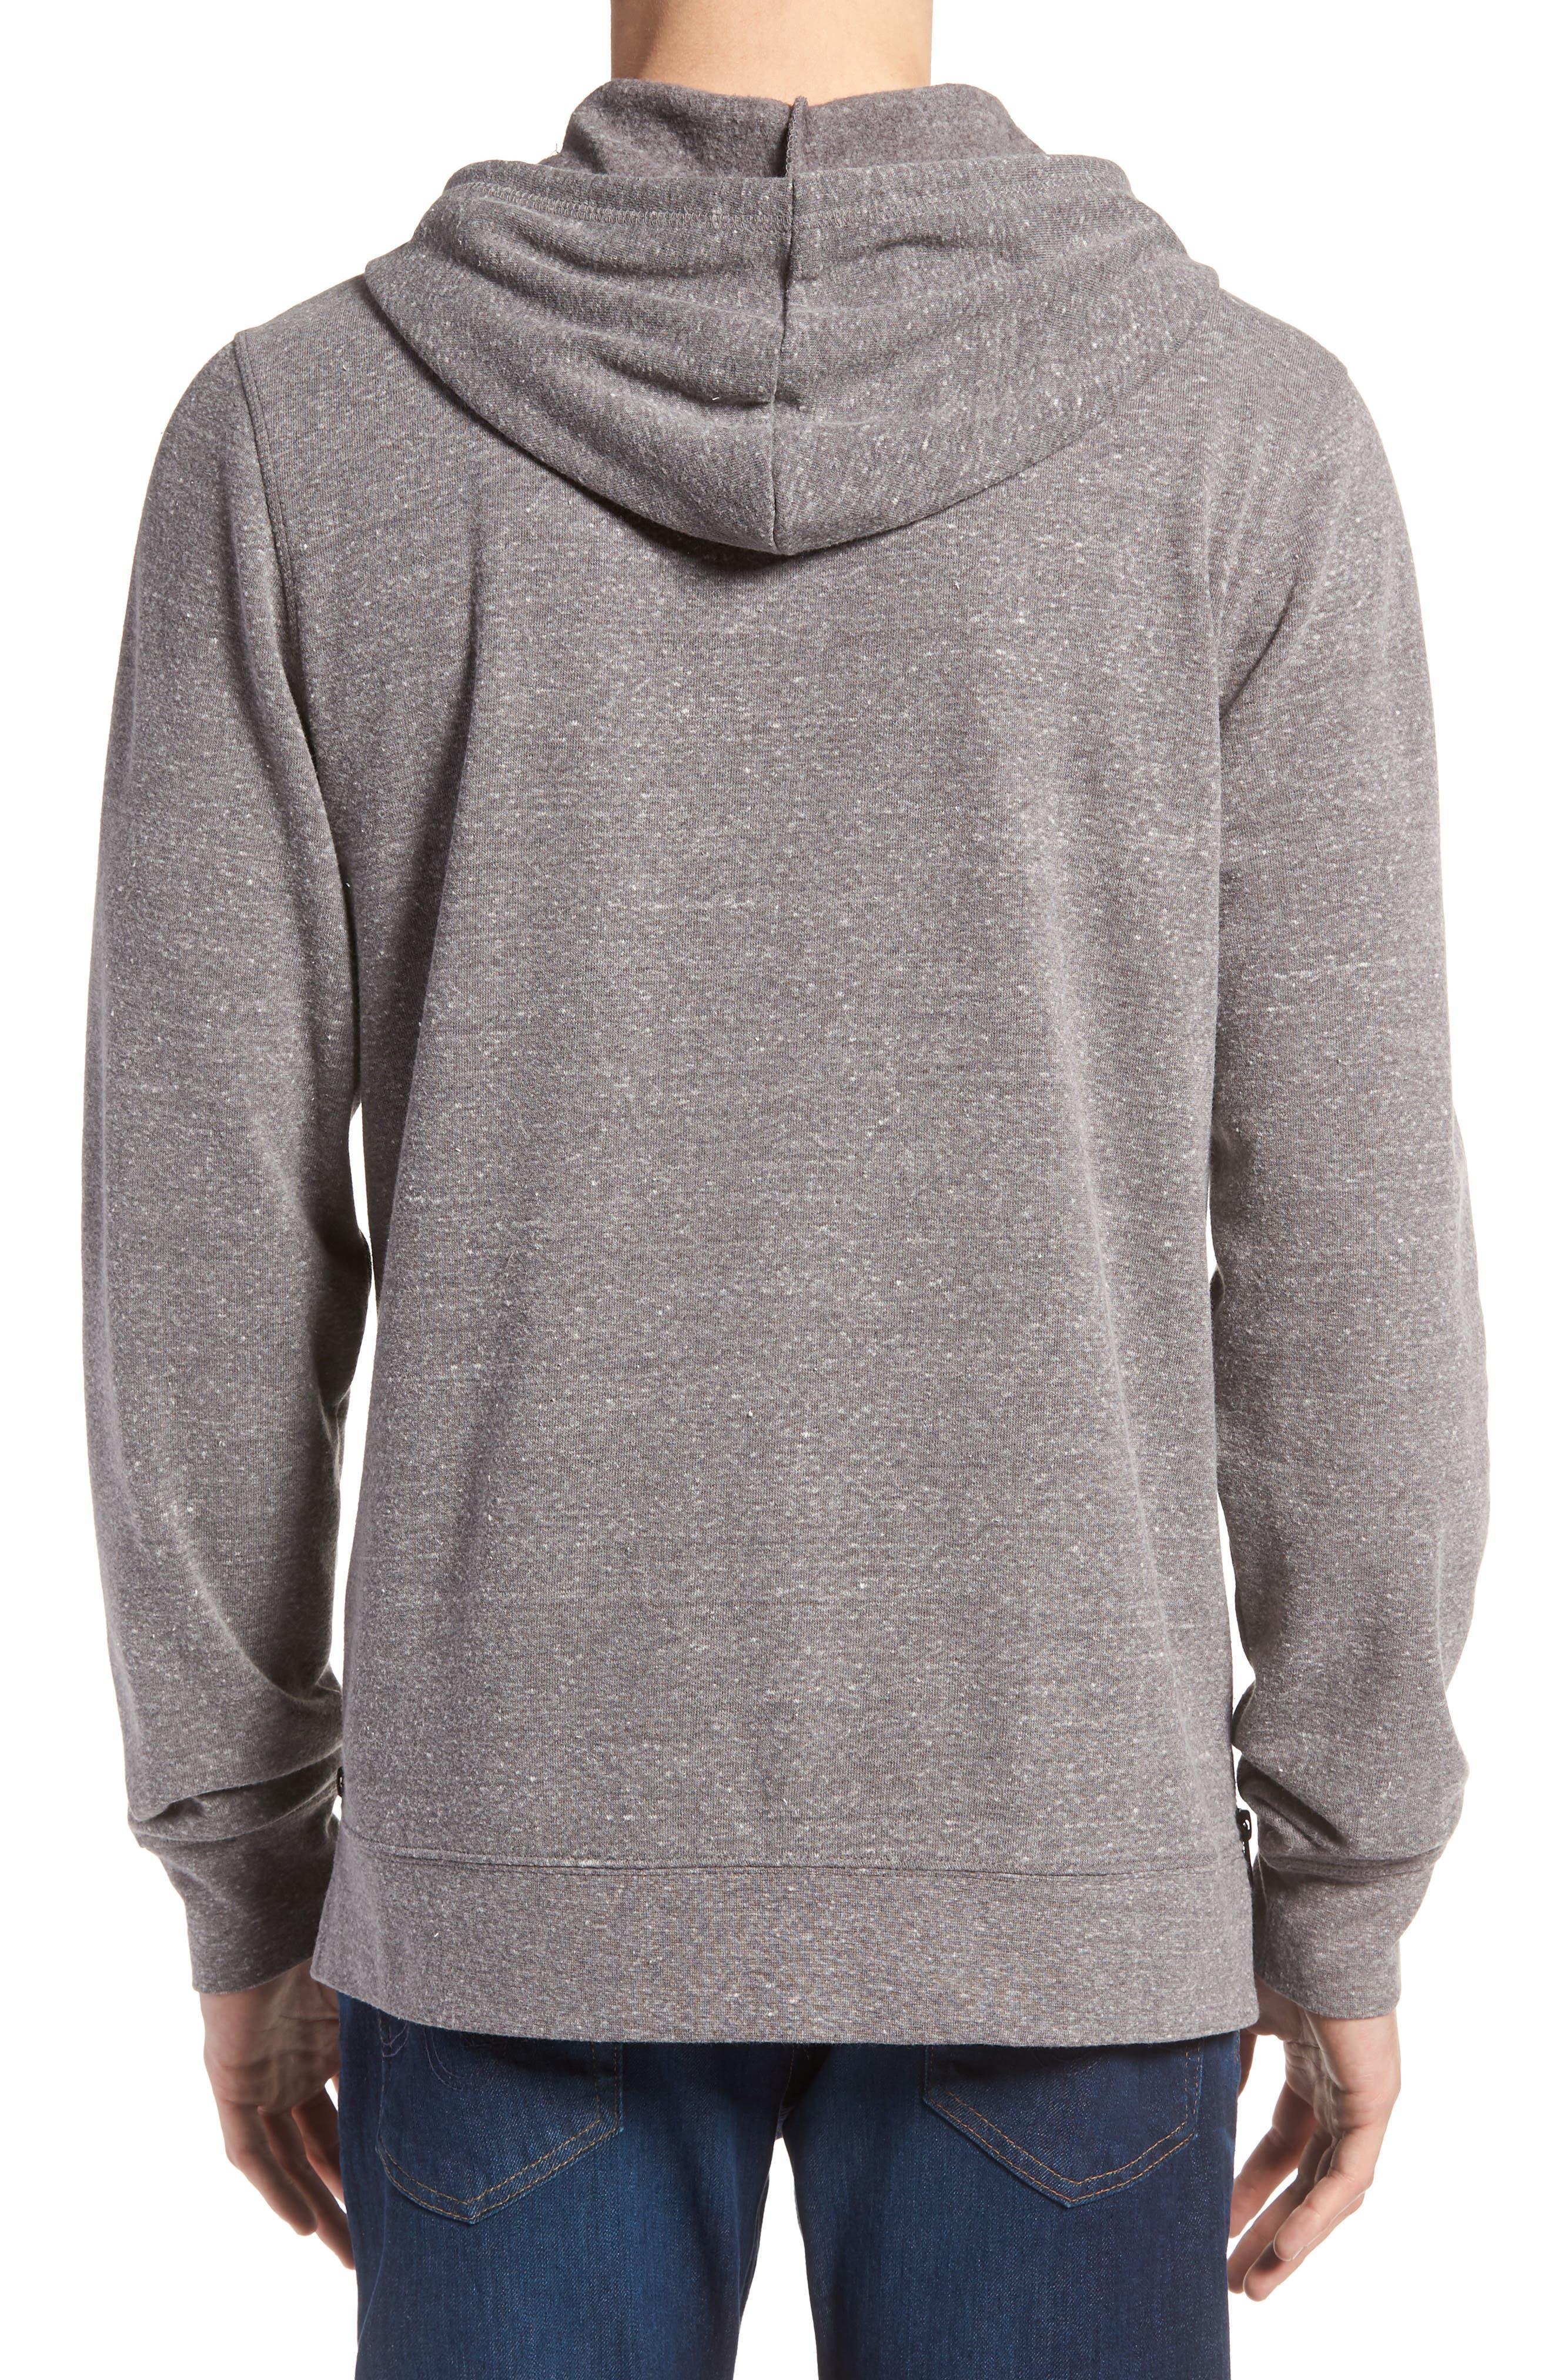 Barkeley Side Zip Hoodie Sweatshirt,                             Alternate thumbnail 2, color,                             020